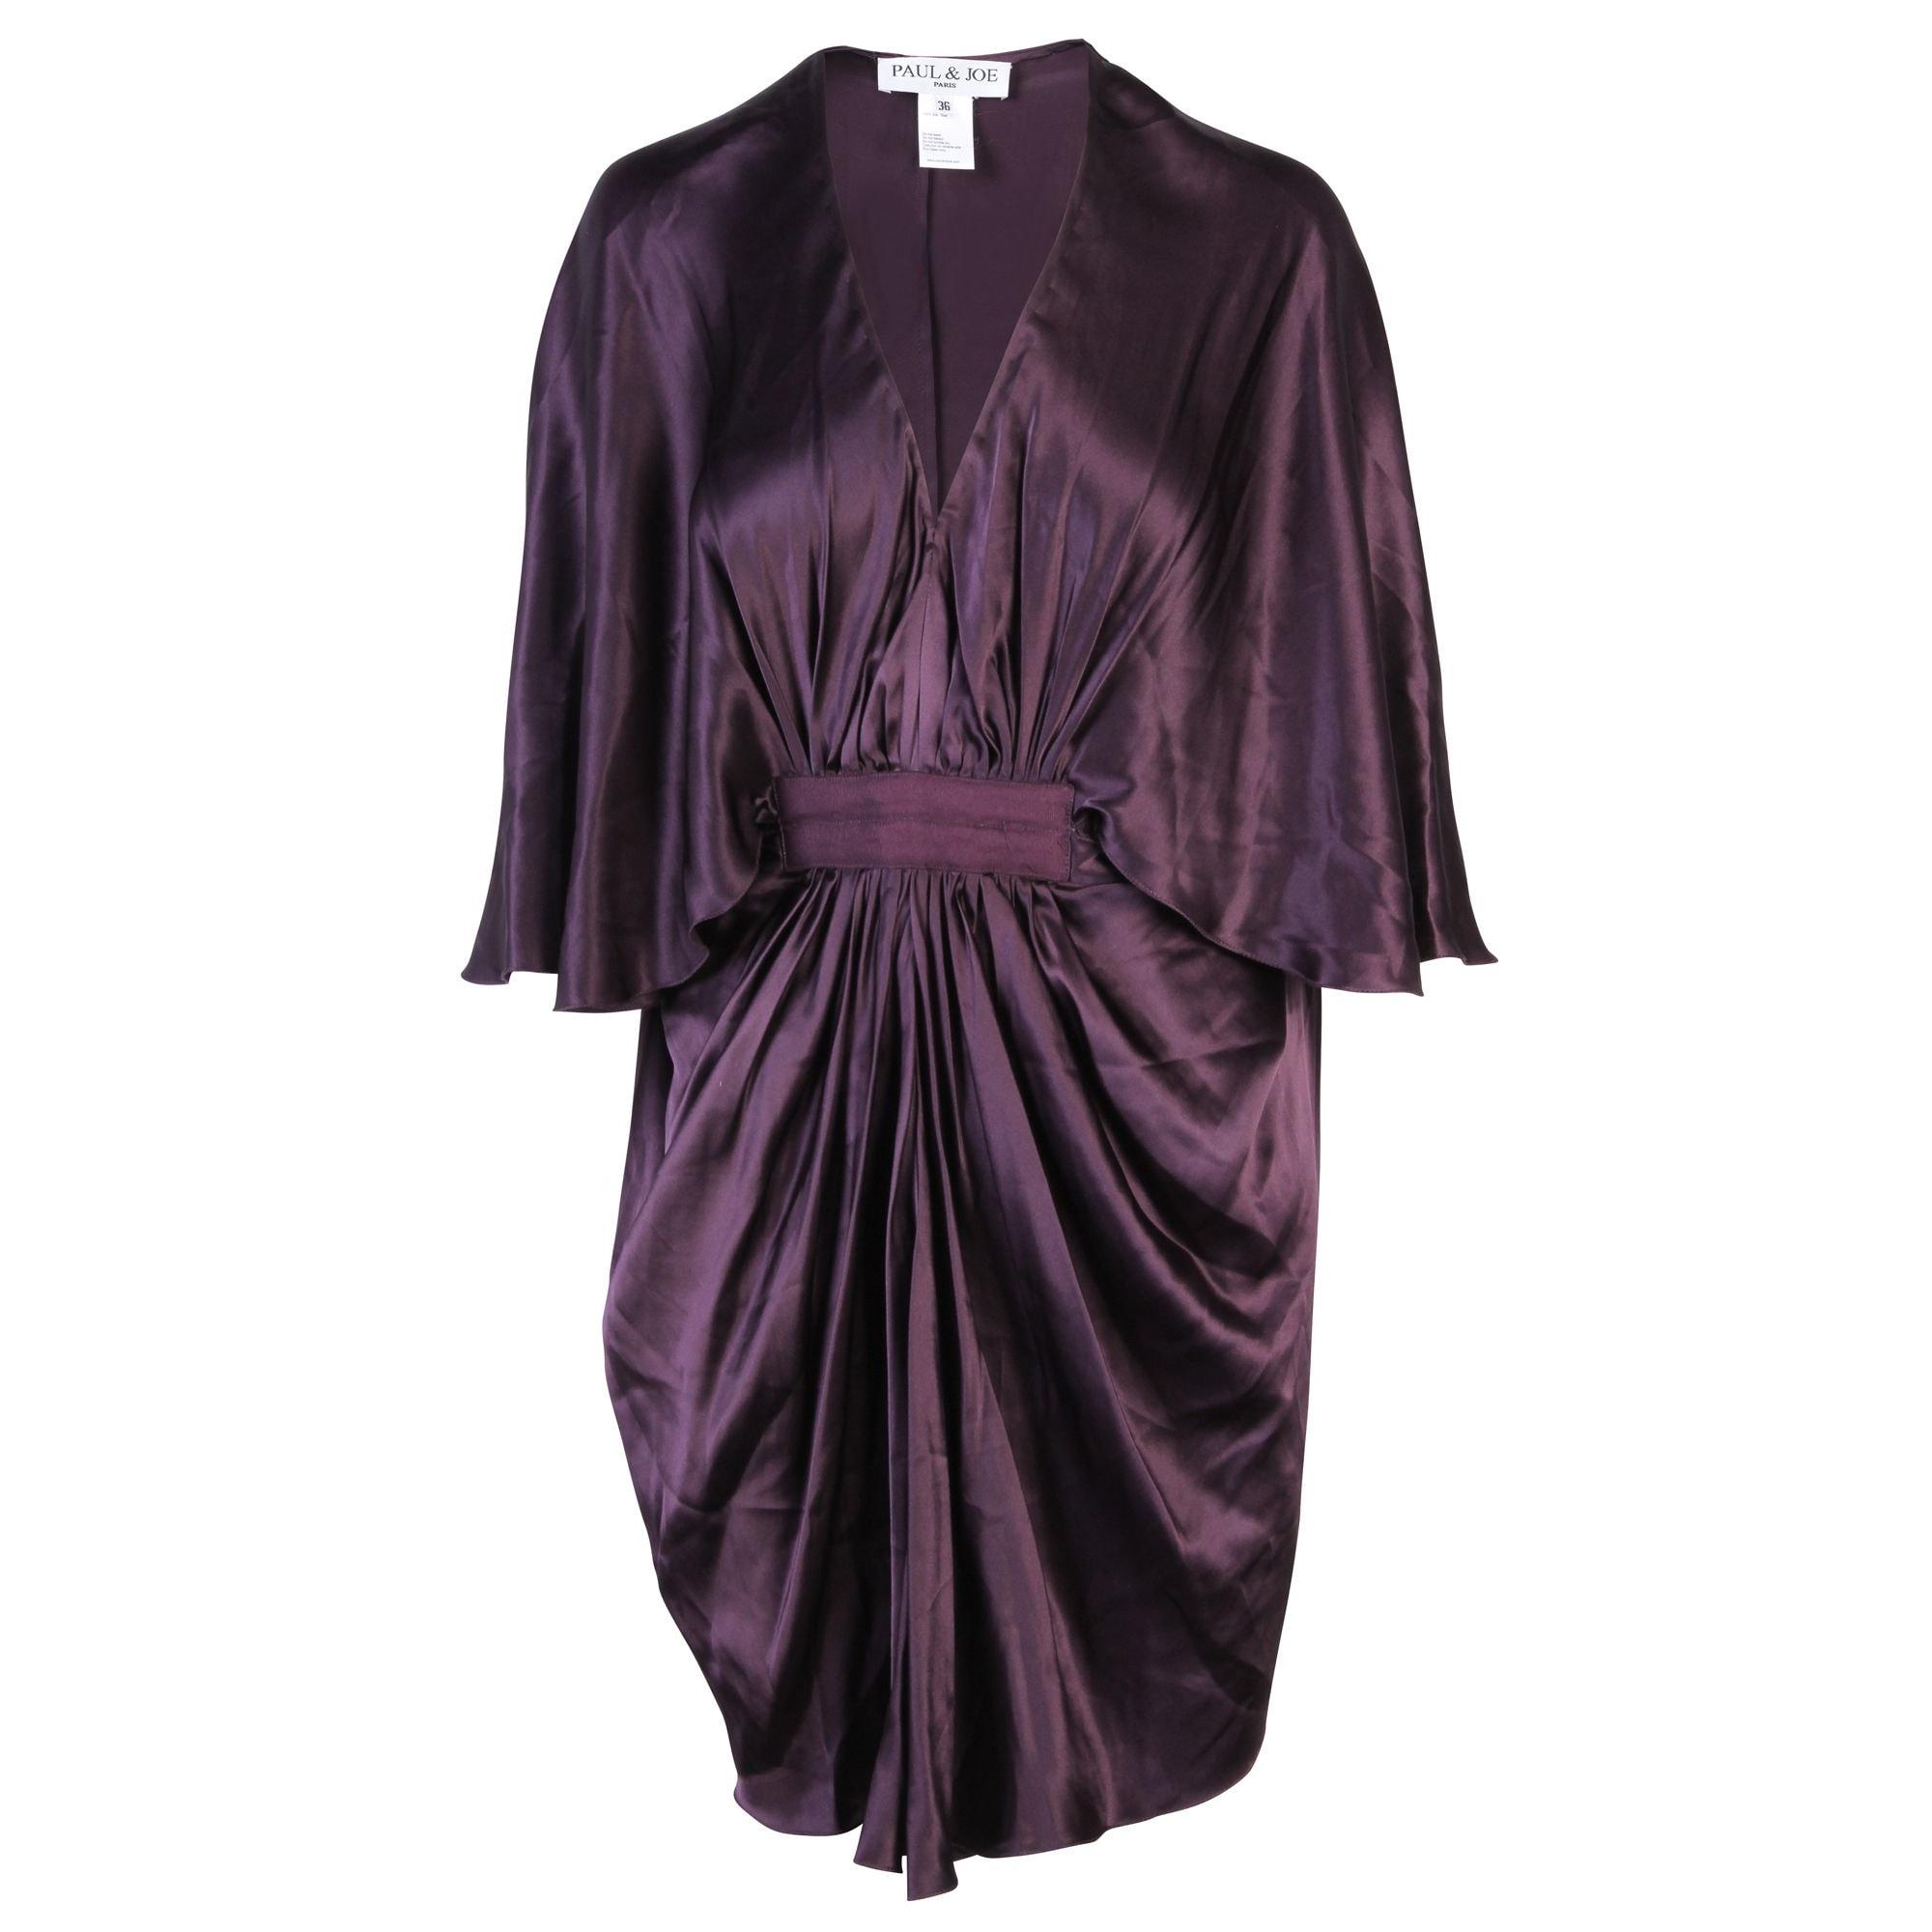 Robe courte PAUL & JOE Violet, mauve, lavande